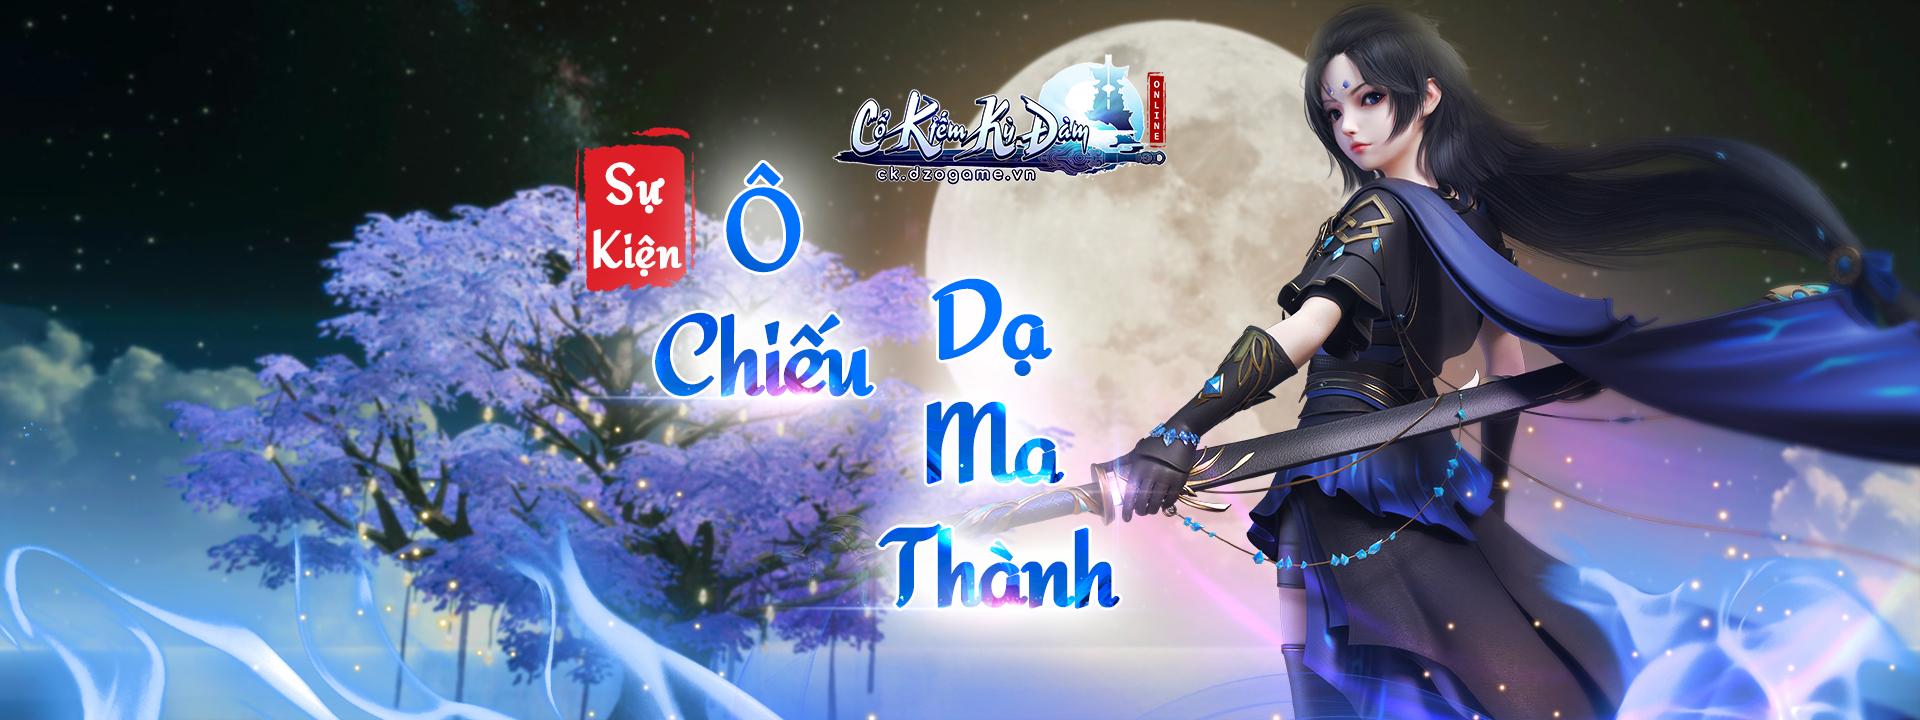 banner top ĐẠI CHIẾN Ô CHIẾU DẠ MA THÀNH